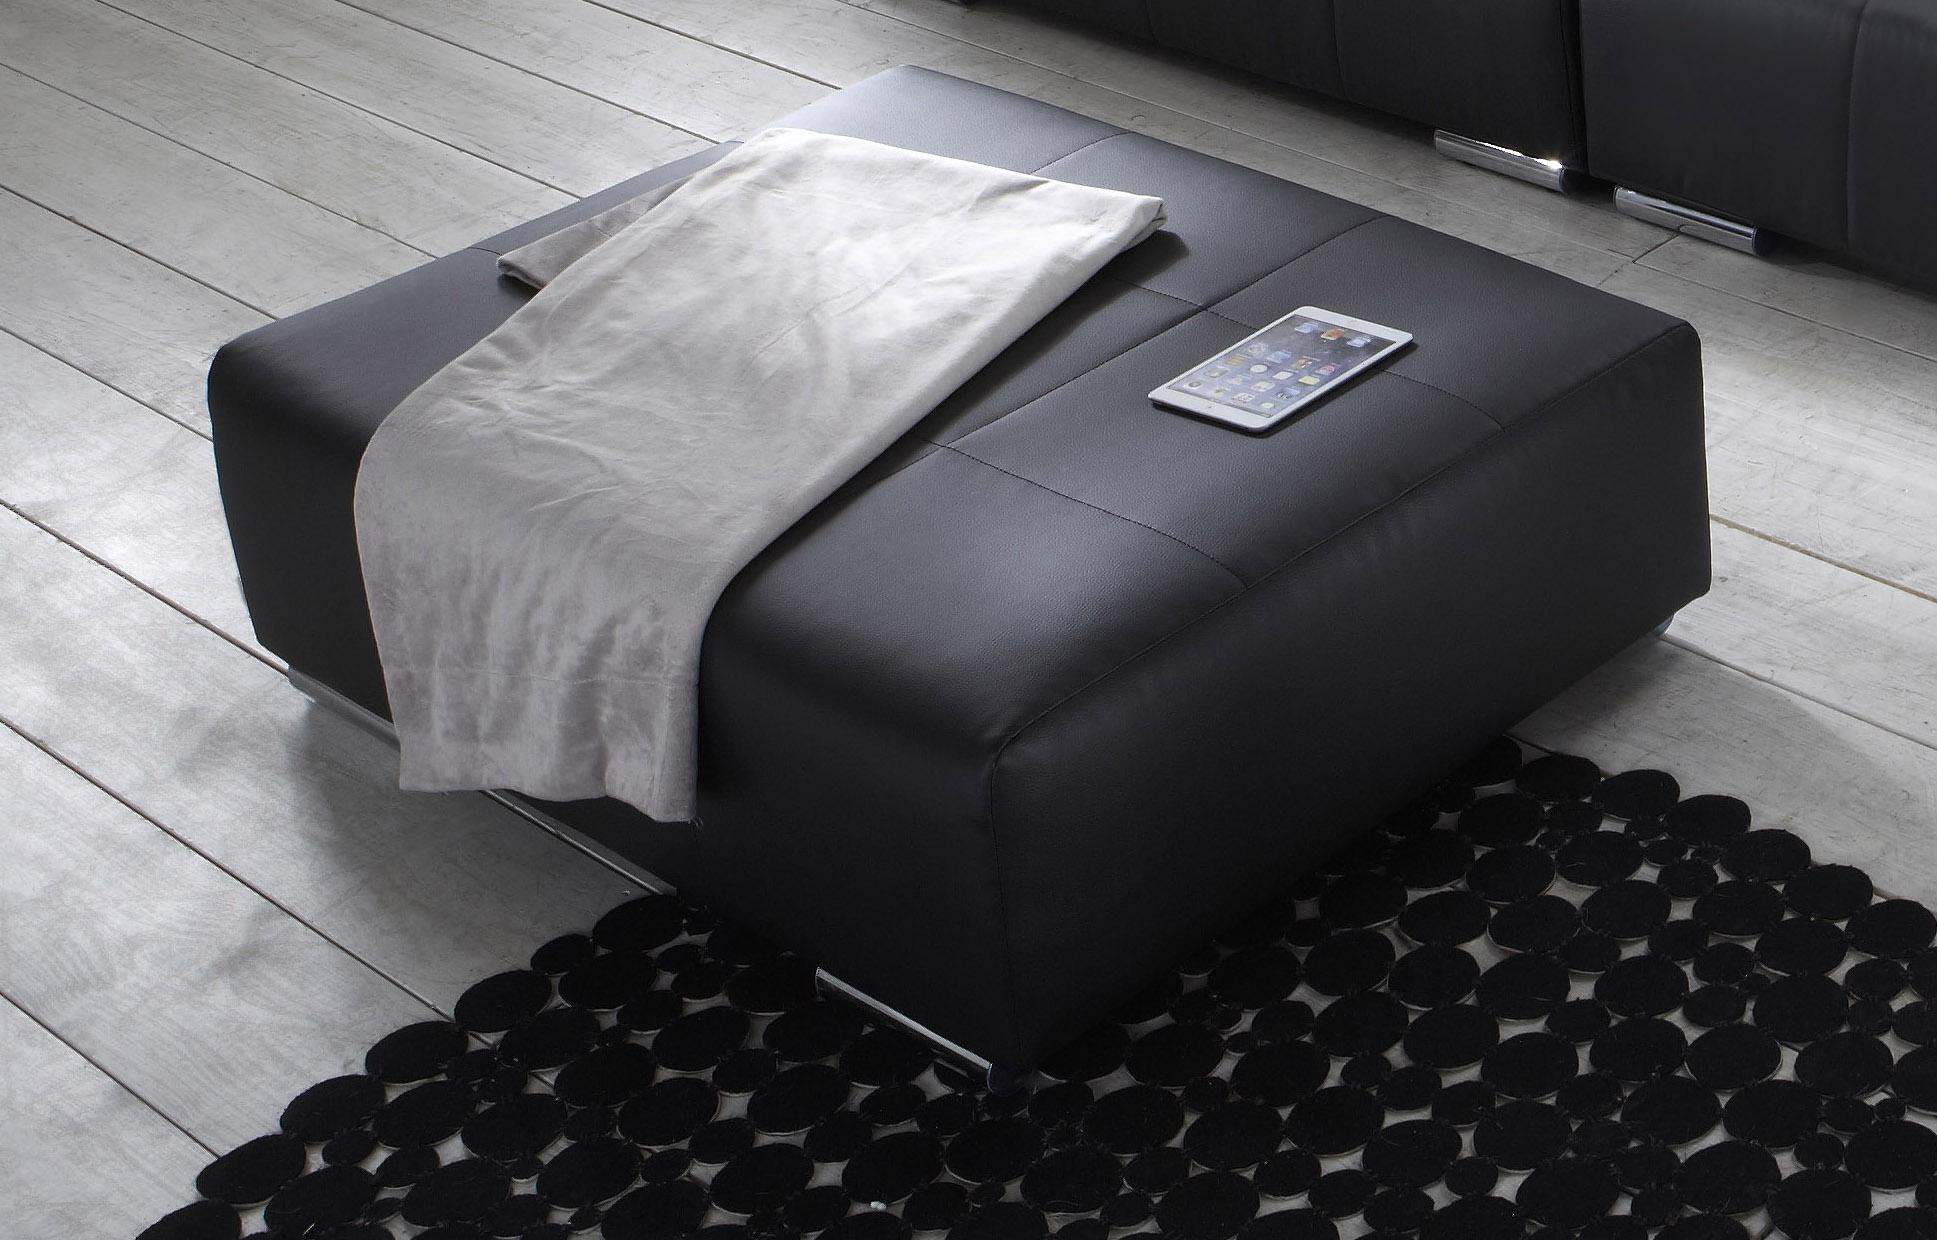 SAMR Wohnzimmer Design Hocker 110 Cm Schwarz Jupiter Bestellware Itemprop